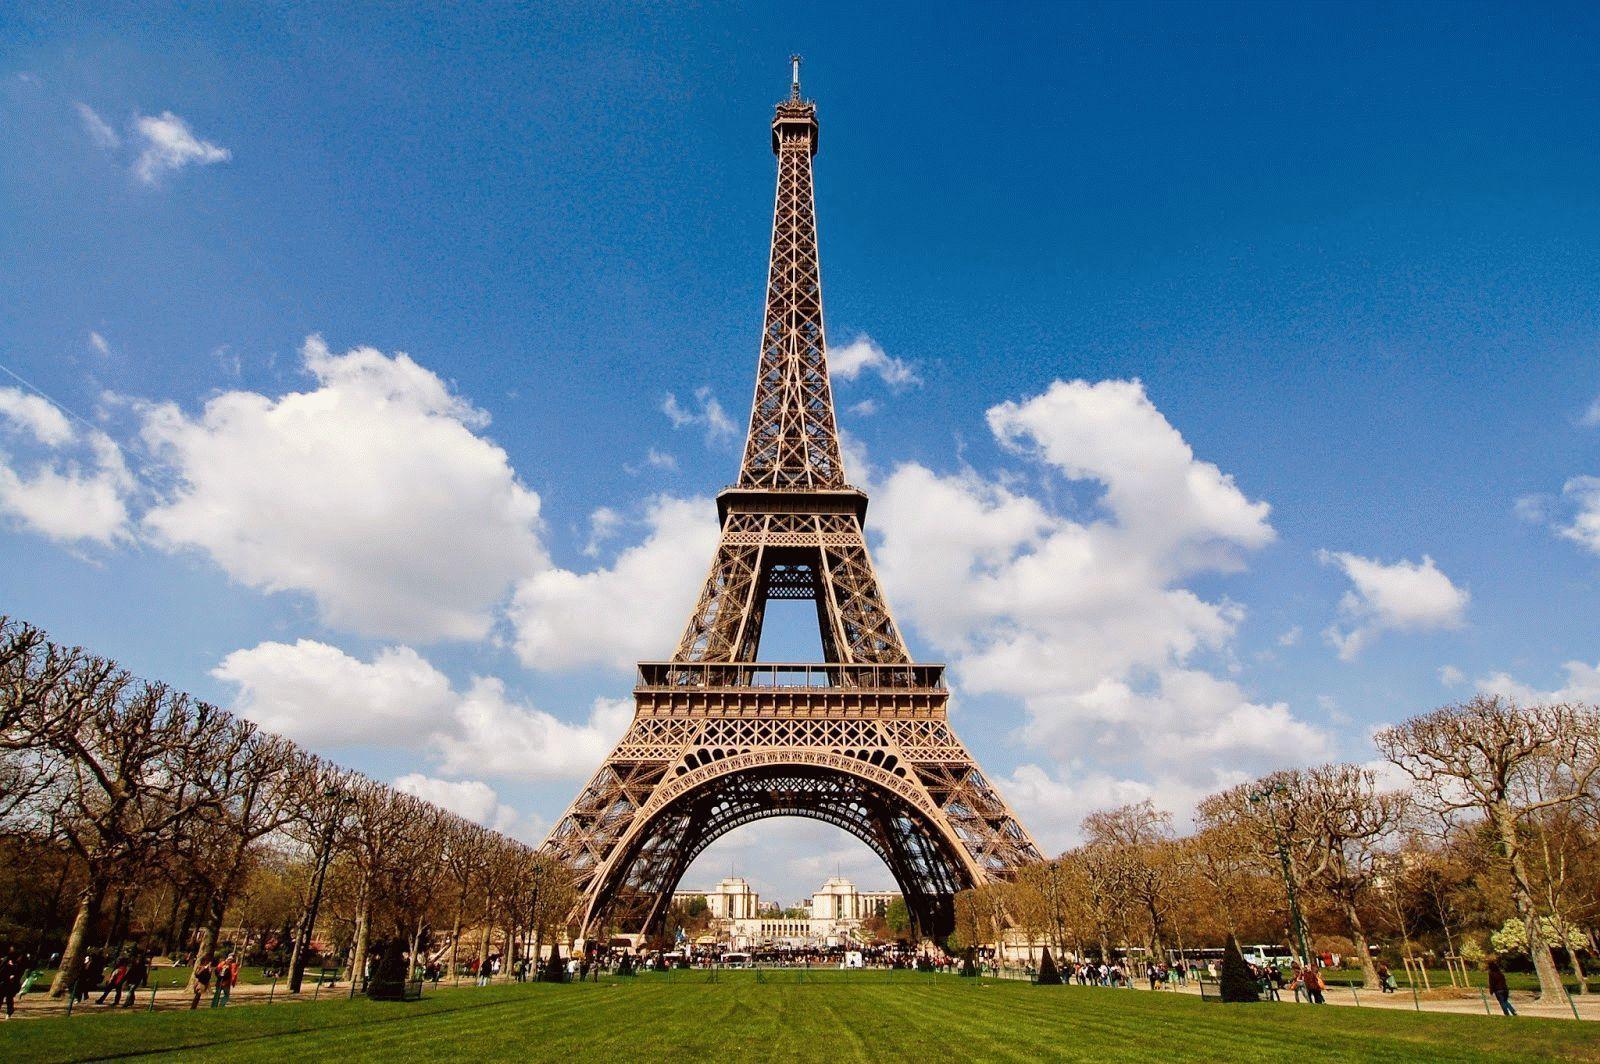 Картинки с названием францией